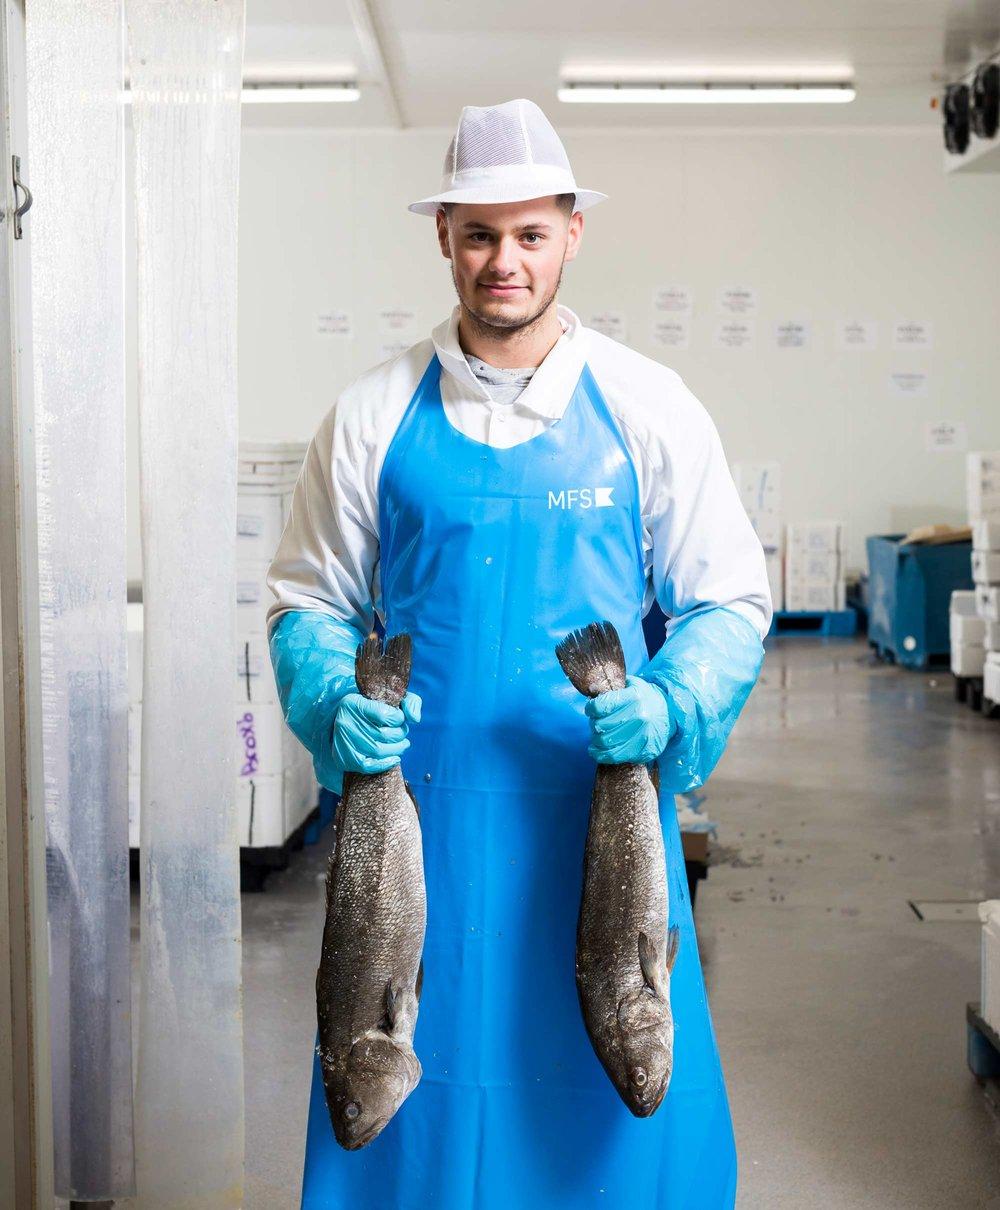 fishmonger_salmon.jpg